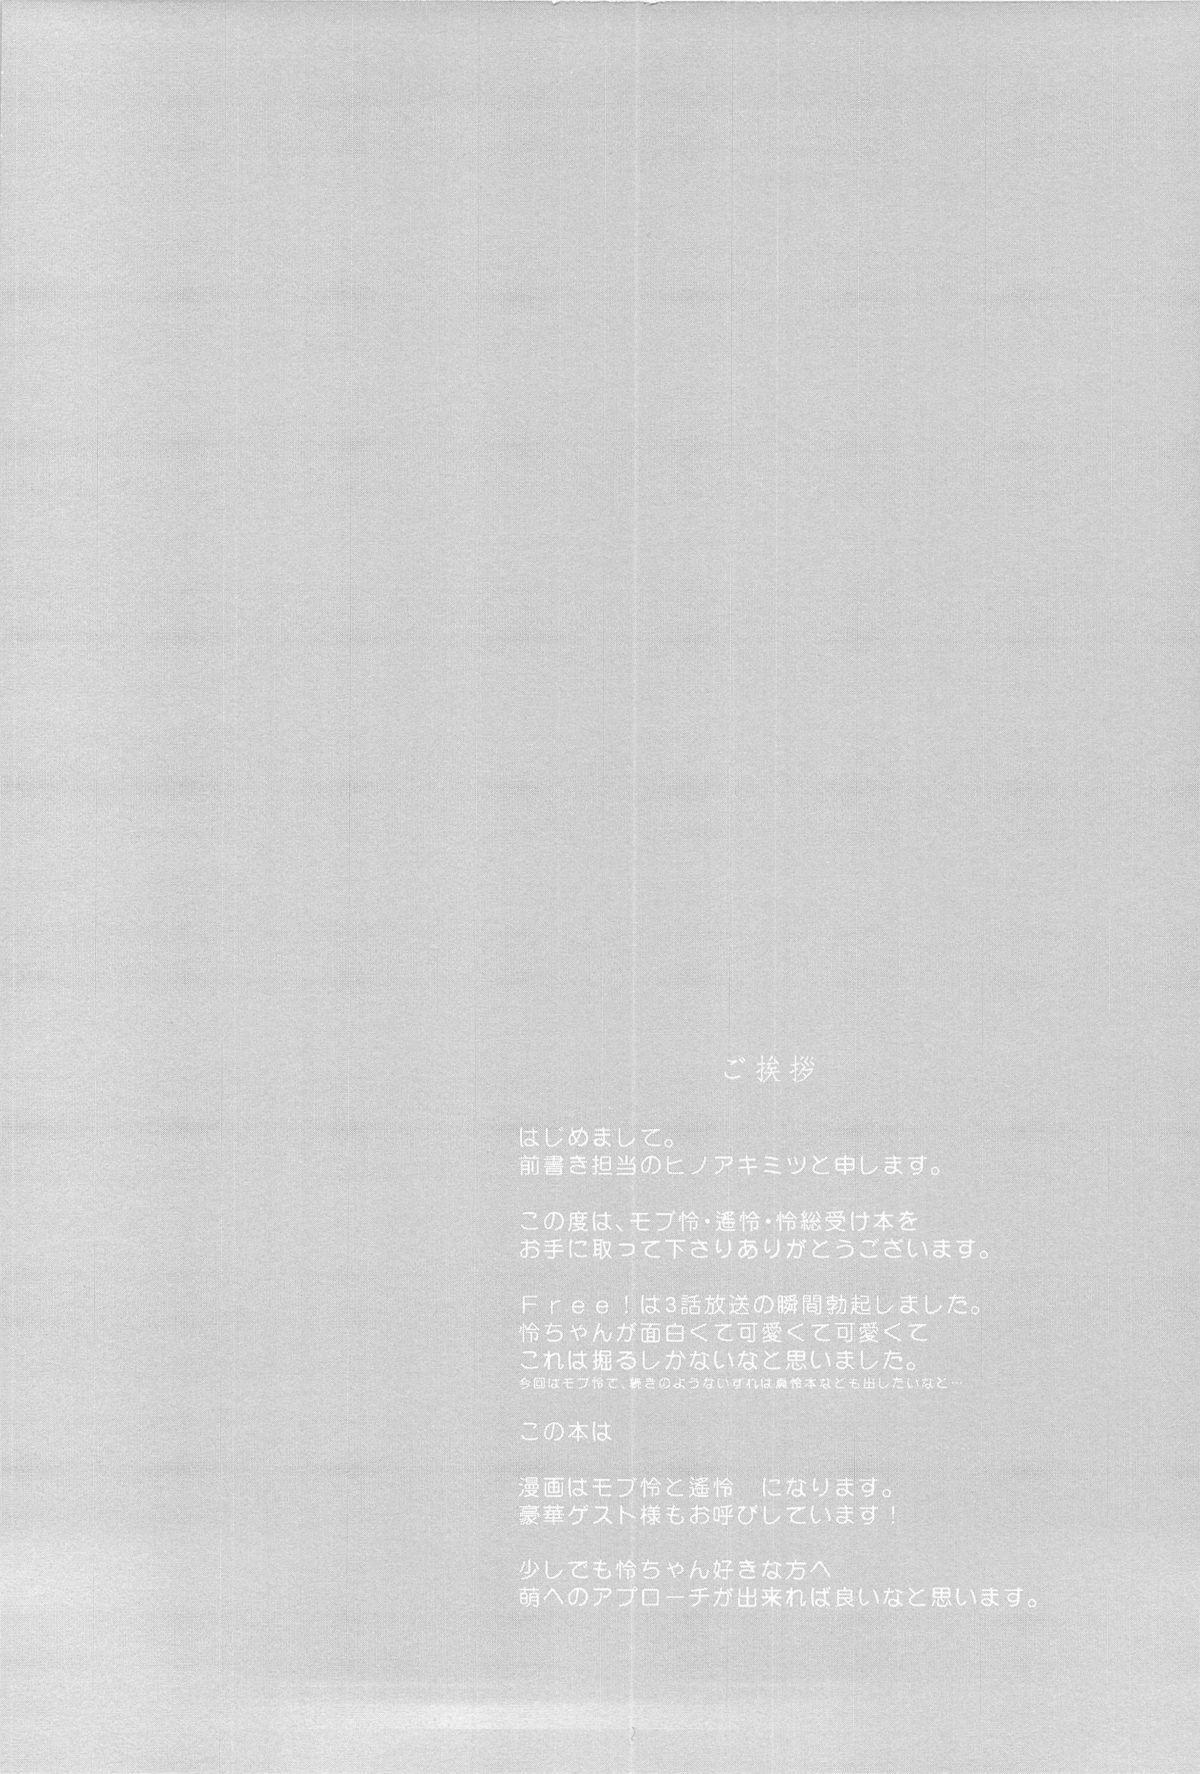 Boku no Riron de Uketetachimasu 3